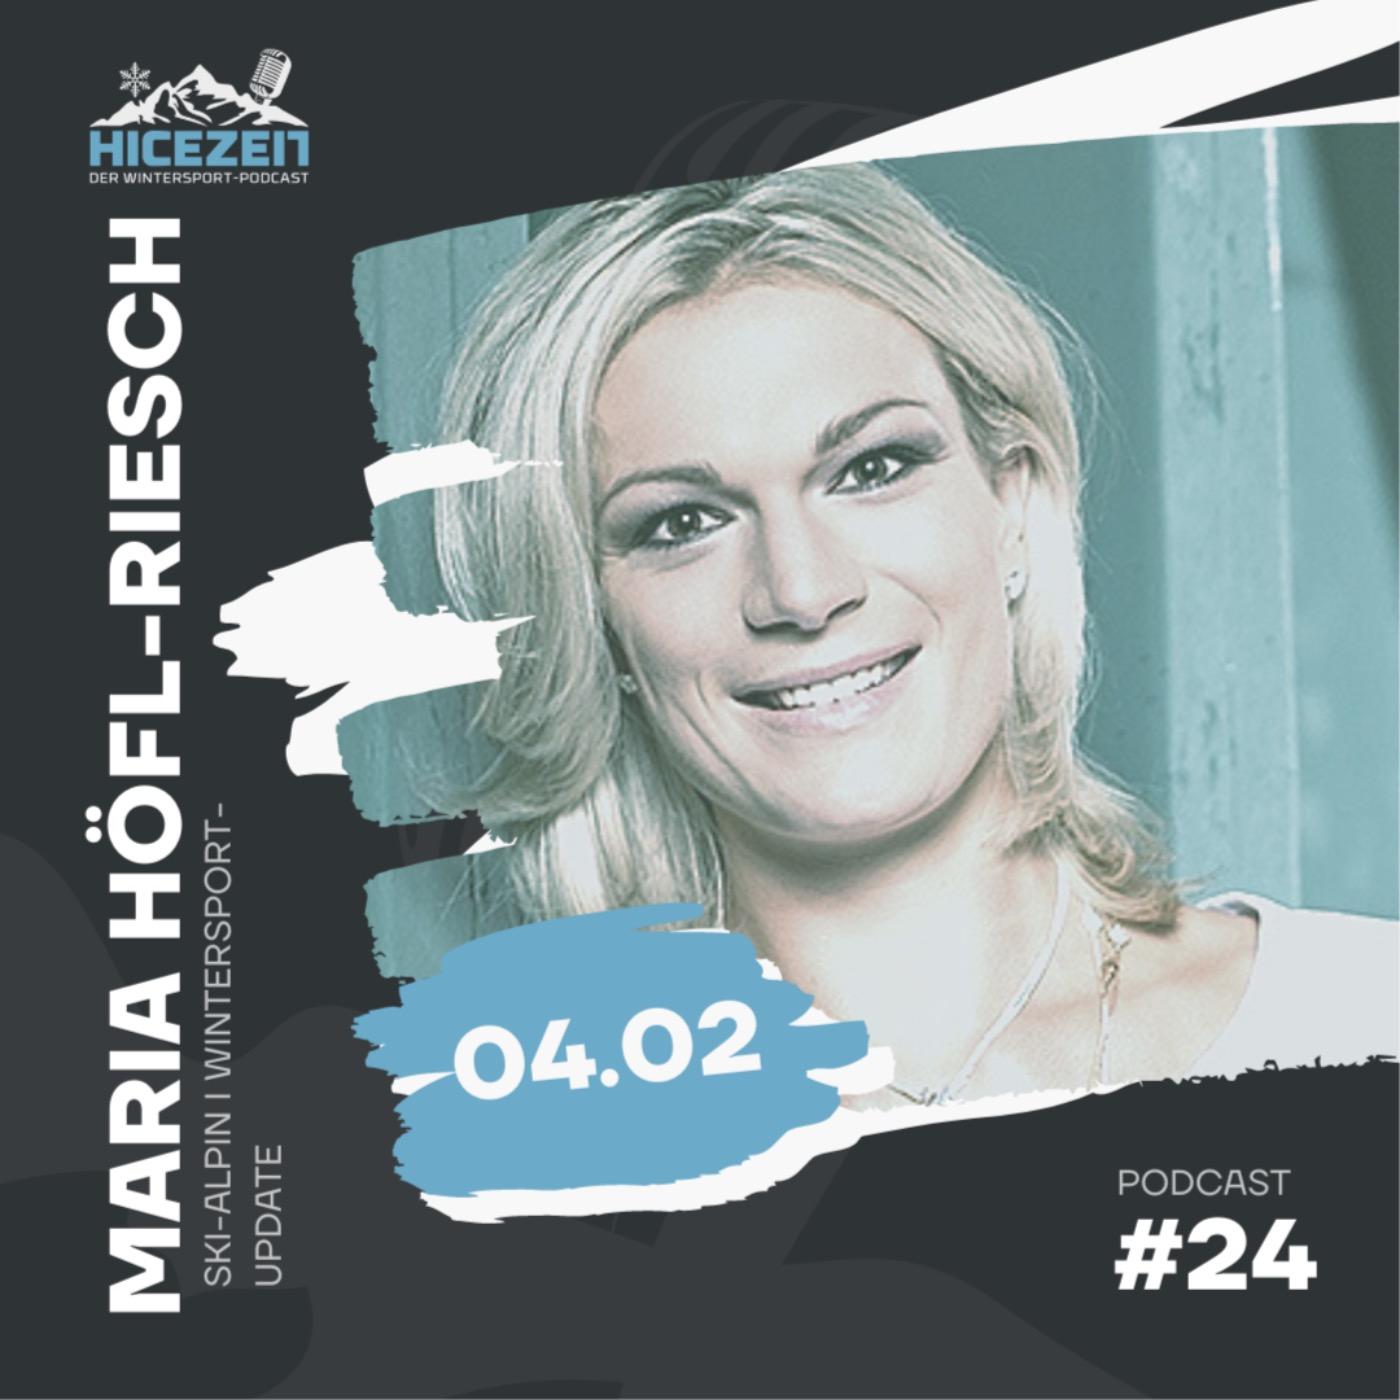 Maria Höfl-Riesch, Ski-Alpin, Wintersport-Update, Der Wintersport-Podcast Folge 24